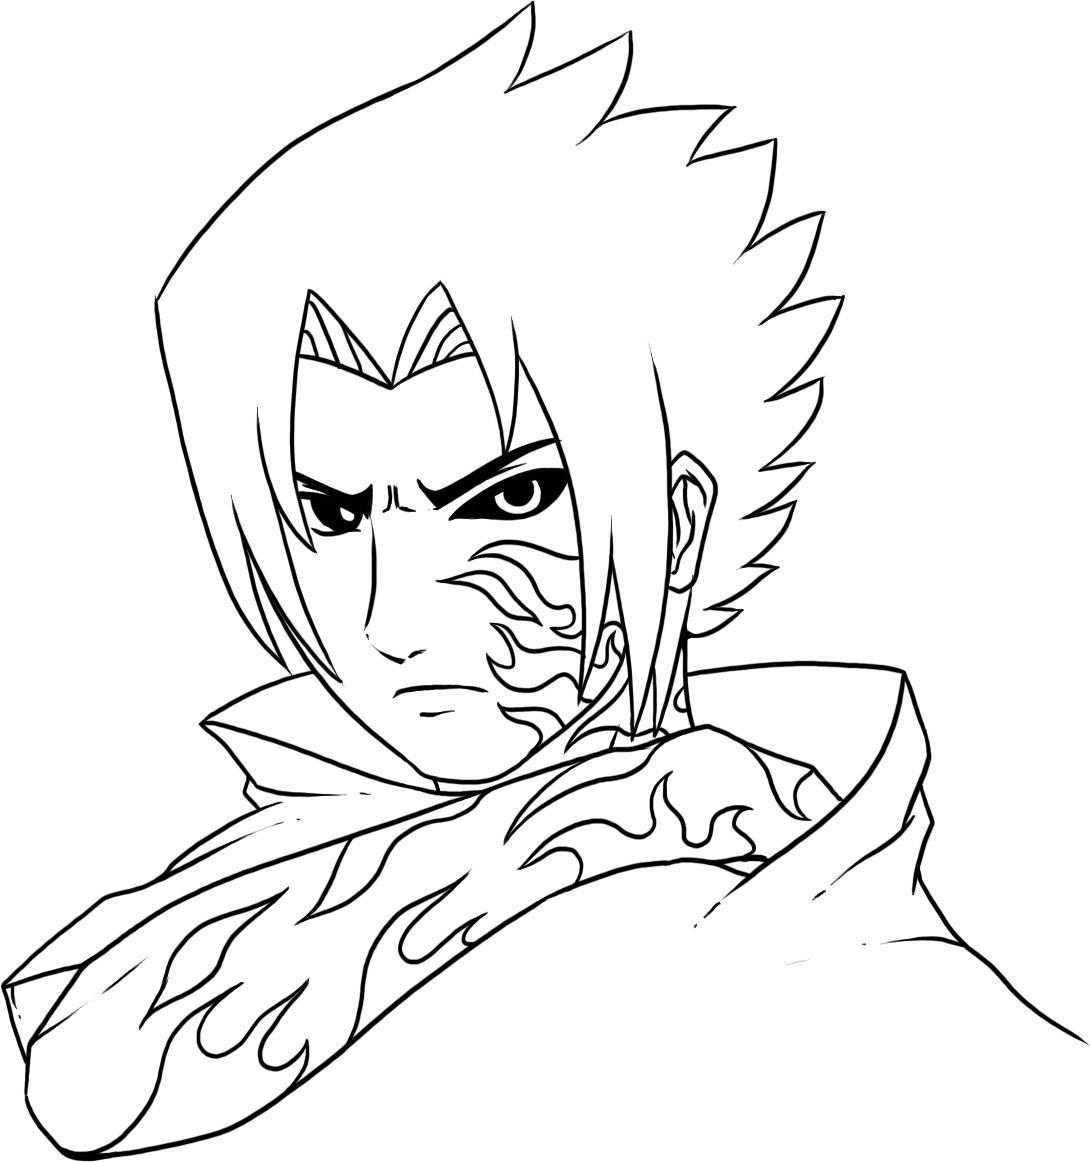 1090x1162 Graffiti Character Naruto Naruto Characters Coloring Pages